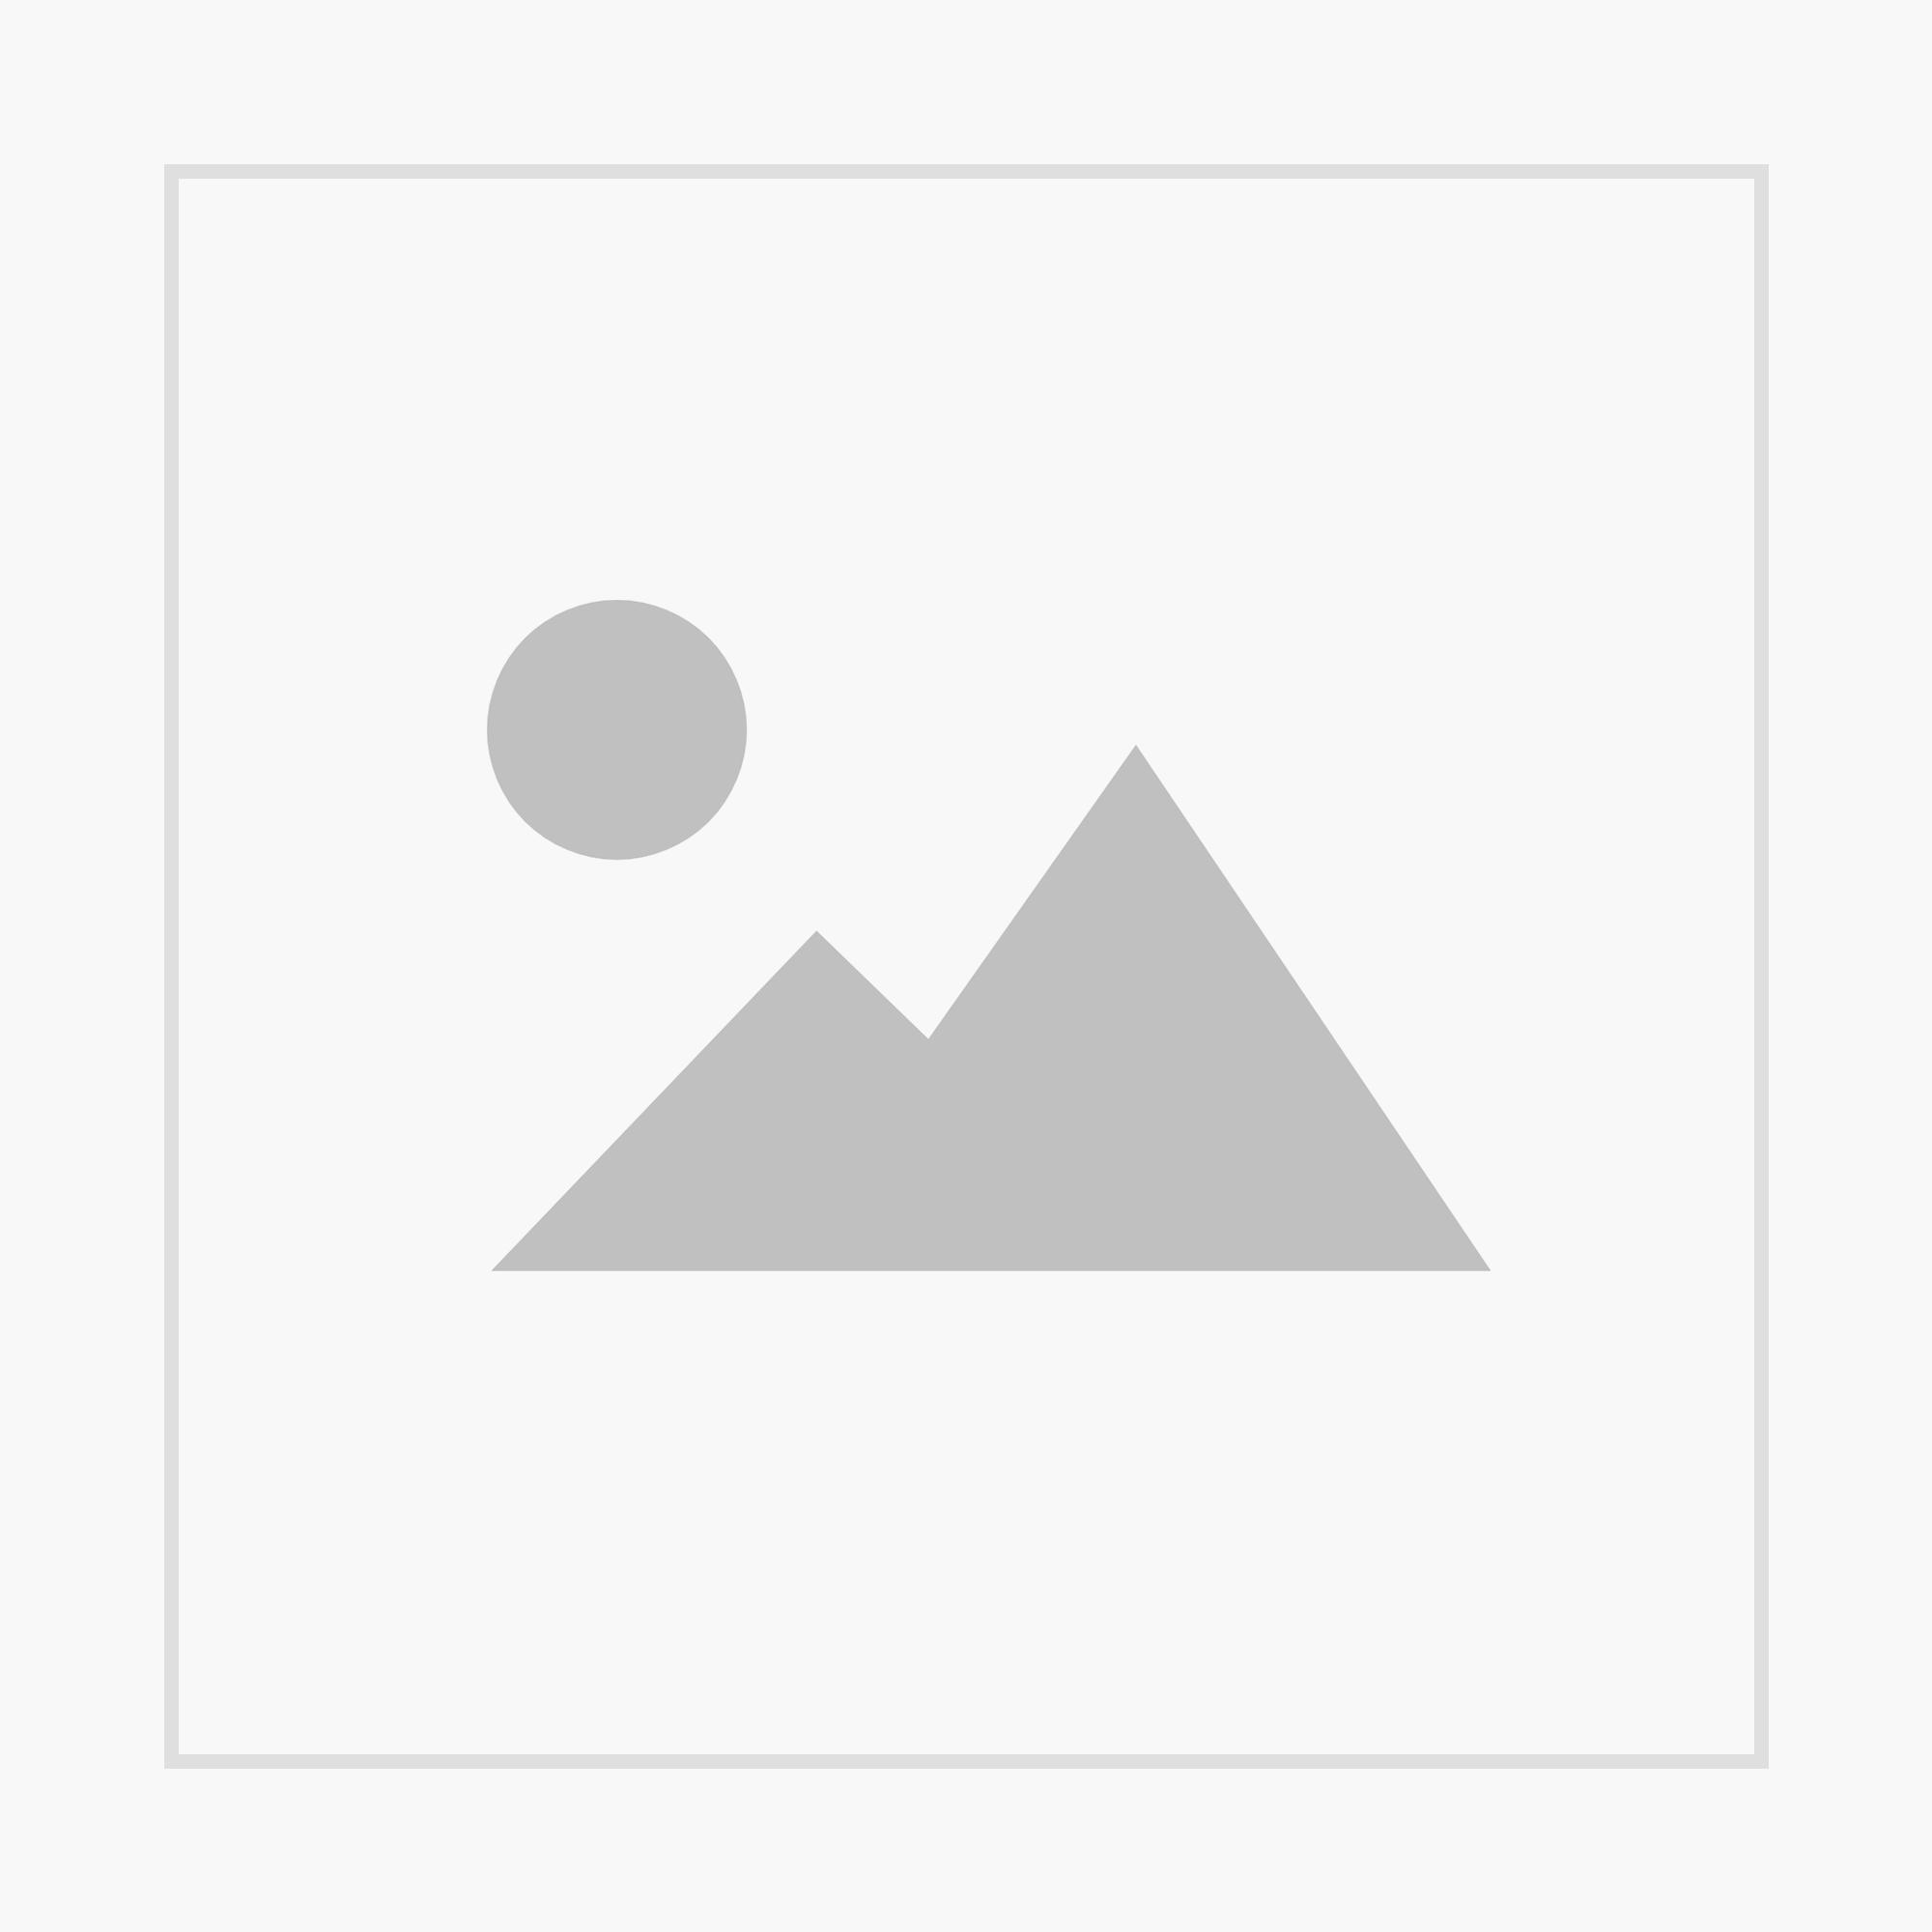 profi Tipps - Teil 2